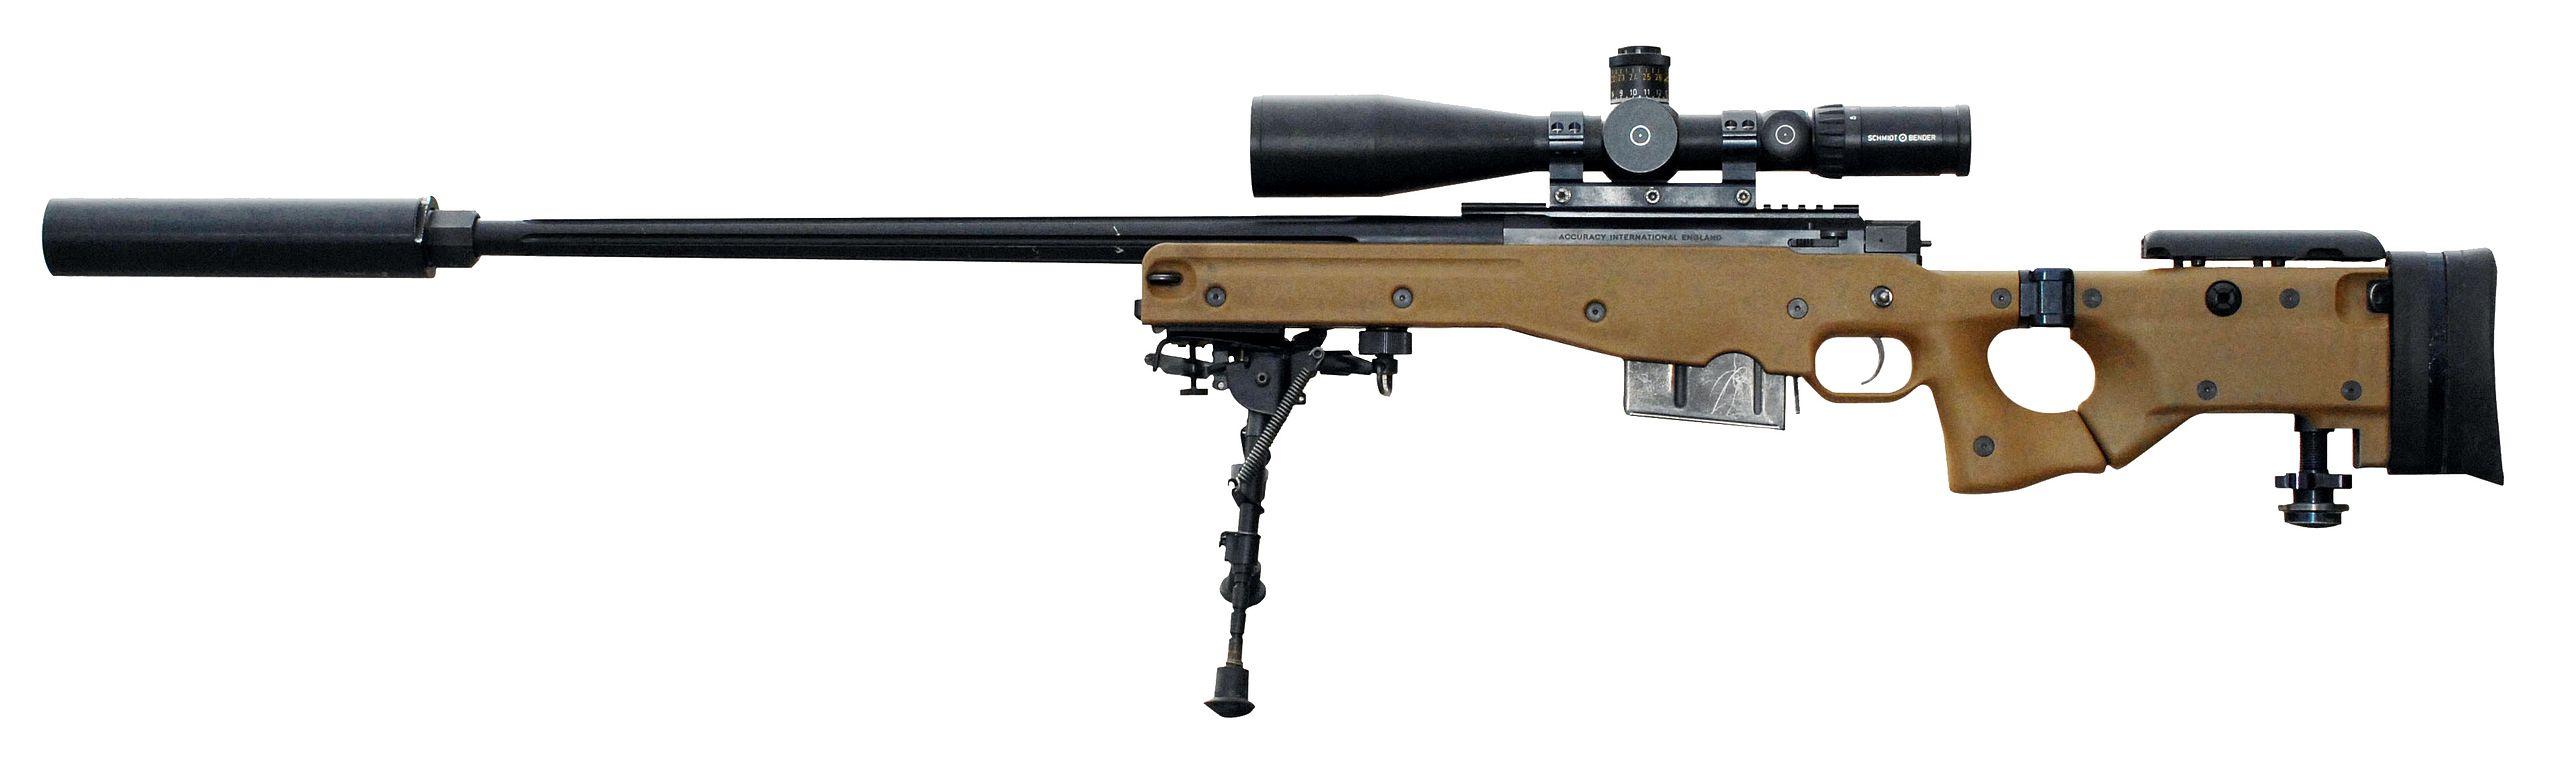 2560px-L115A3_sniper_rifle.jpg